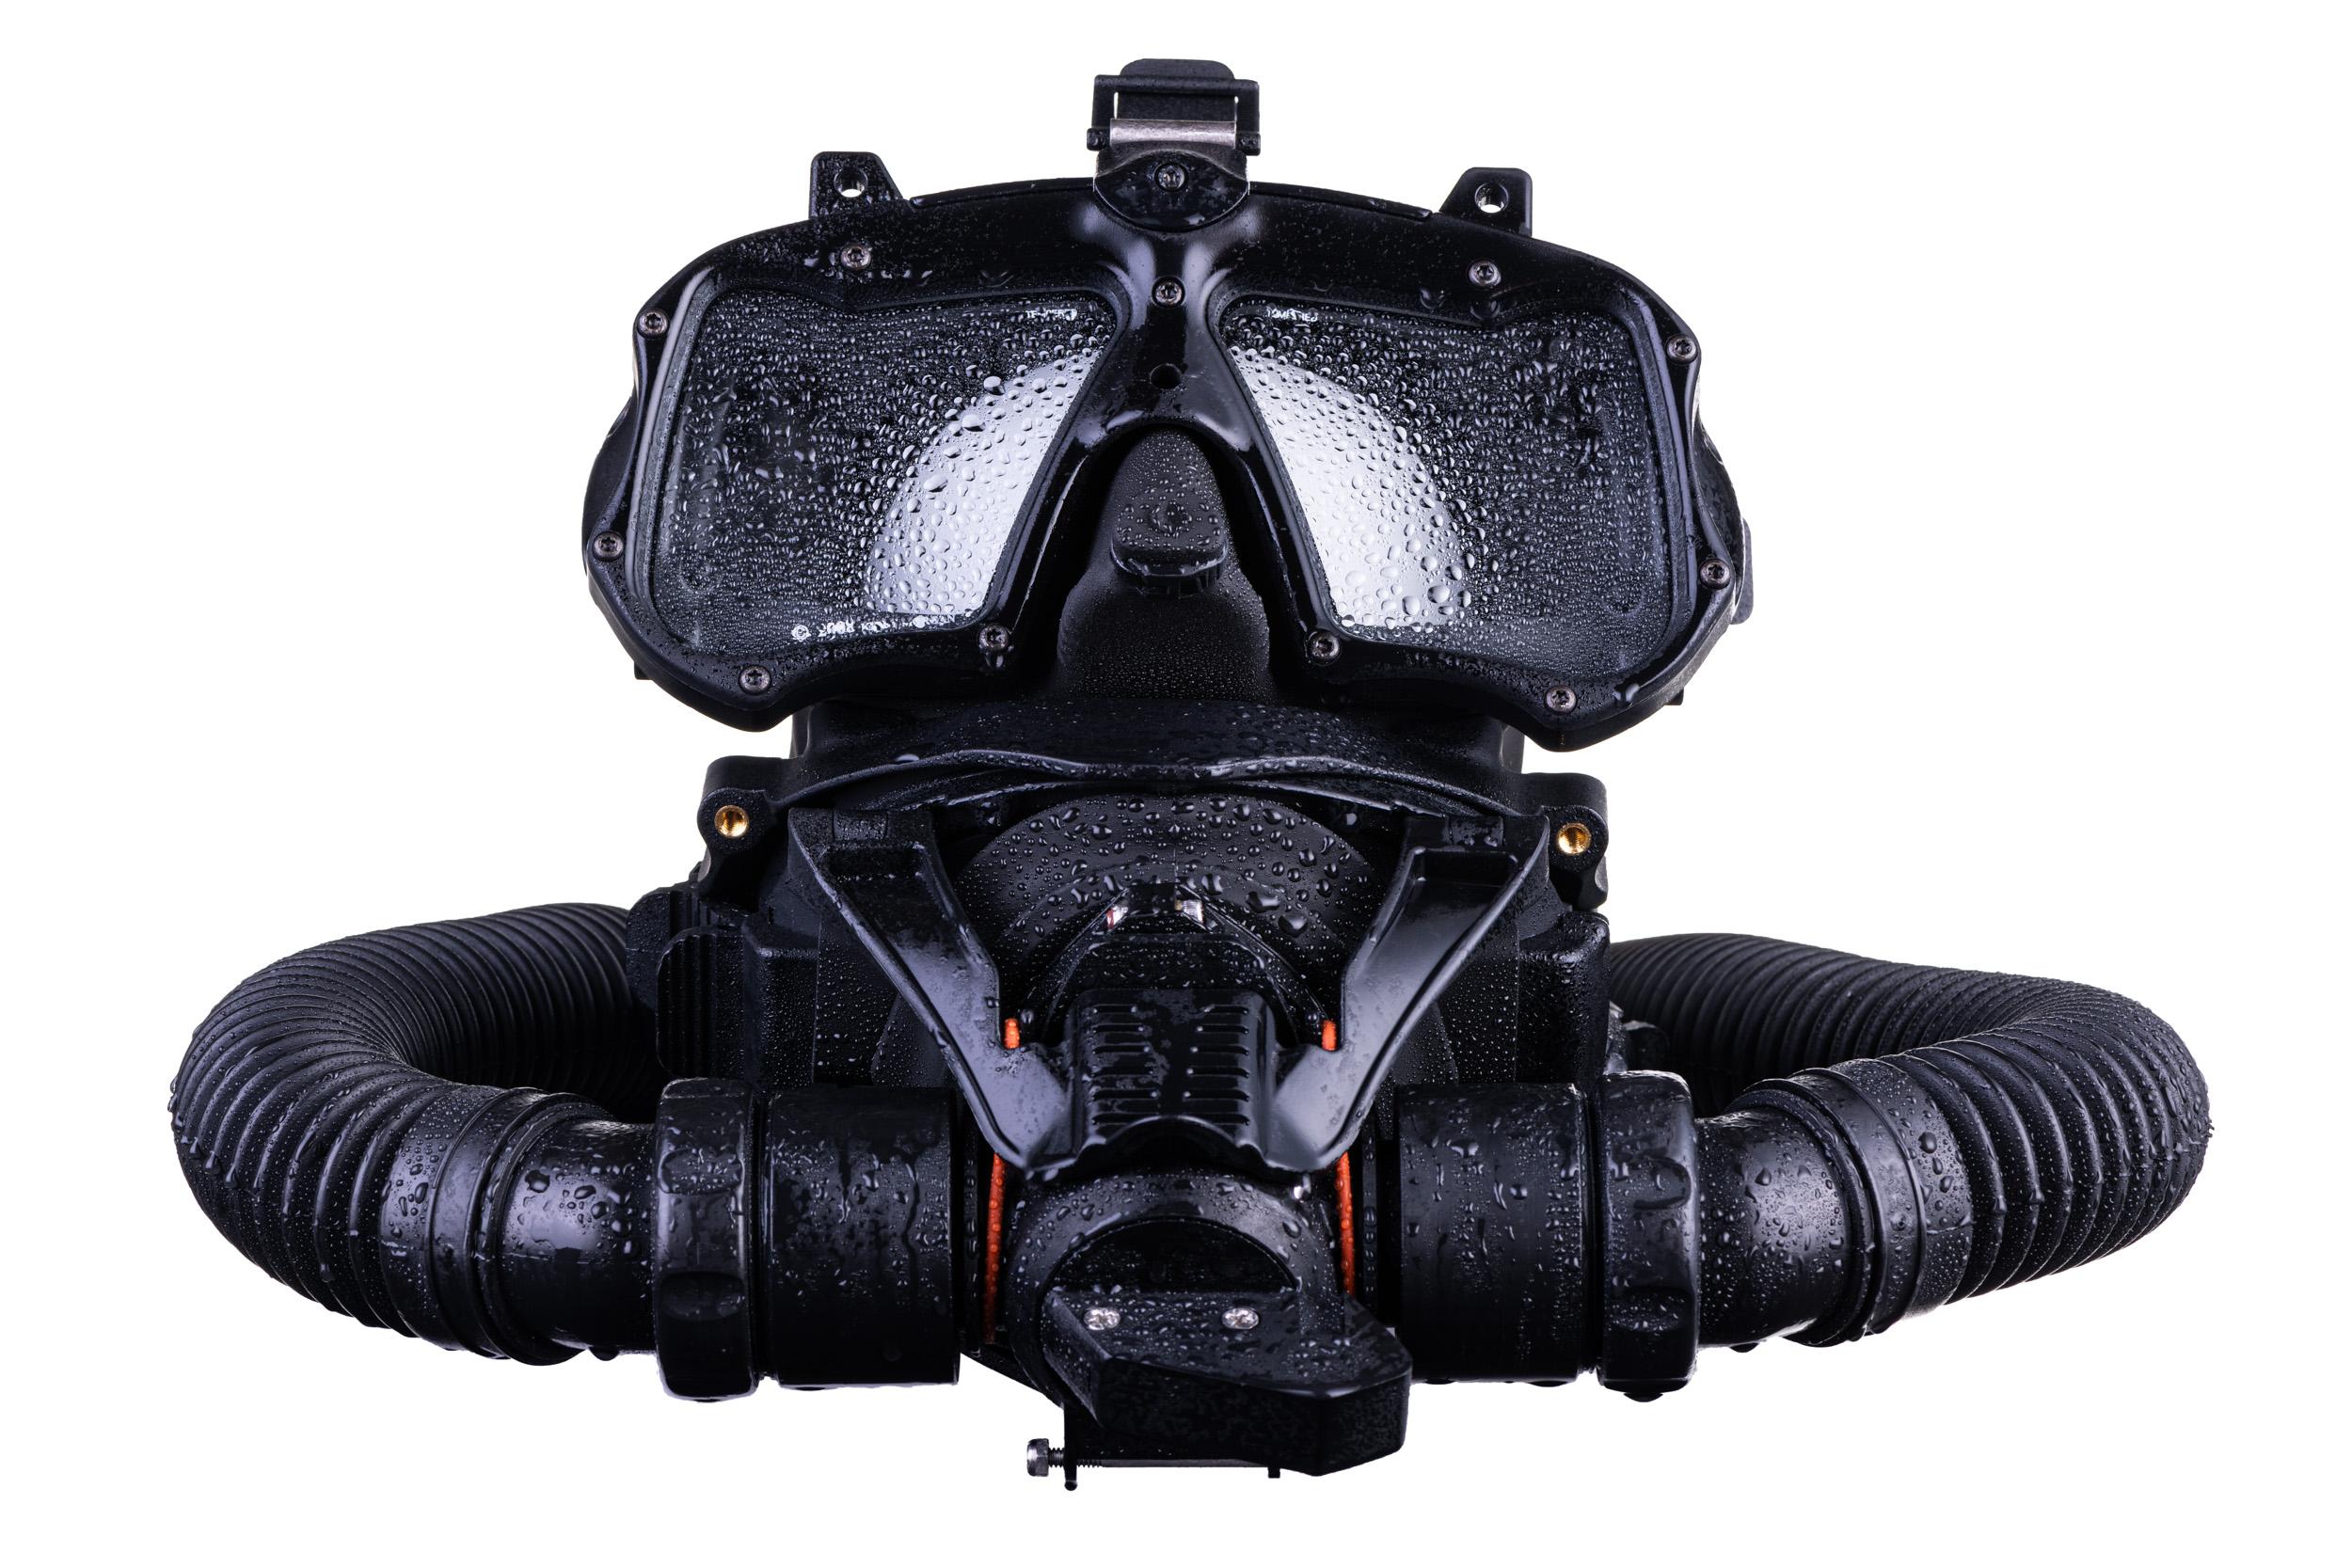 Productfotografie duikmasker Kirby Morgan